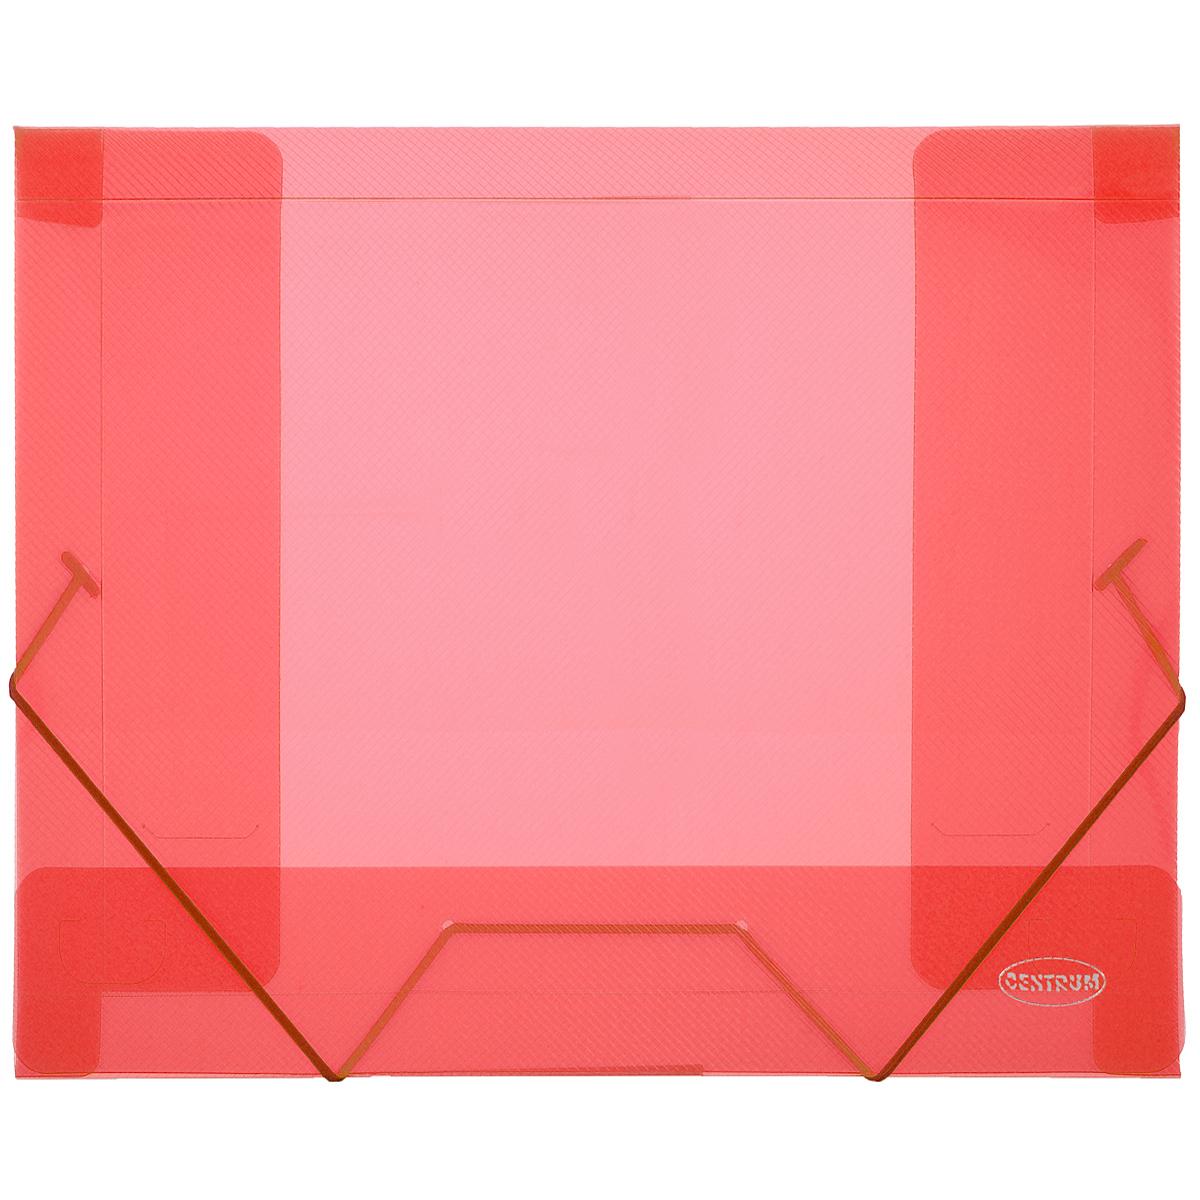 Centrum Папка-конверт на резинке цвет красный 80020Р80020РПапка-конверт на резинке Centrum - это удобный и функциональный офисный инструмент, предназначенный для хранения и транспортировки рабочих бумаг и документов формата А4. Папка с двойной угловой фиксацией резиновой лентой изготовлена из износостойкого полупрозрачного полипропилена. Внутри папка имеет три клапана, что обеспечивает надежную фиксацию бумаг и документов. Оформлена тиснением в виде параллельной штриховки. Папка - это незаменимый атрибут для студента, школьника, офисного работника. Такая папка надежно сохранит ваши документы и сбережет их от повреждений, пыли и влаги.